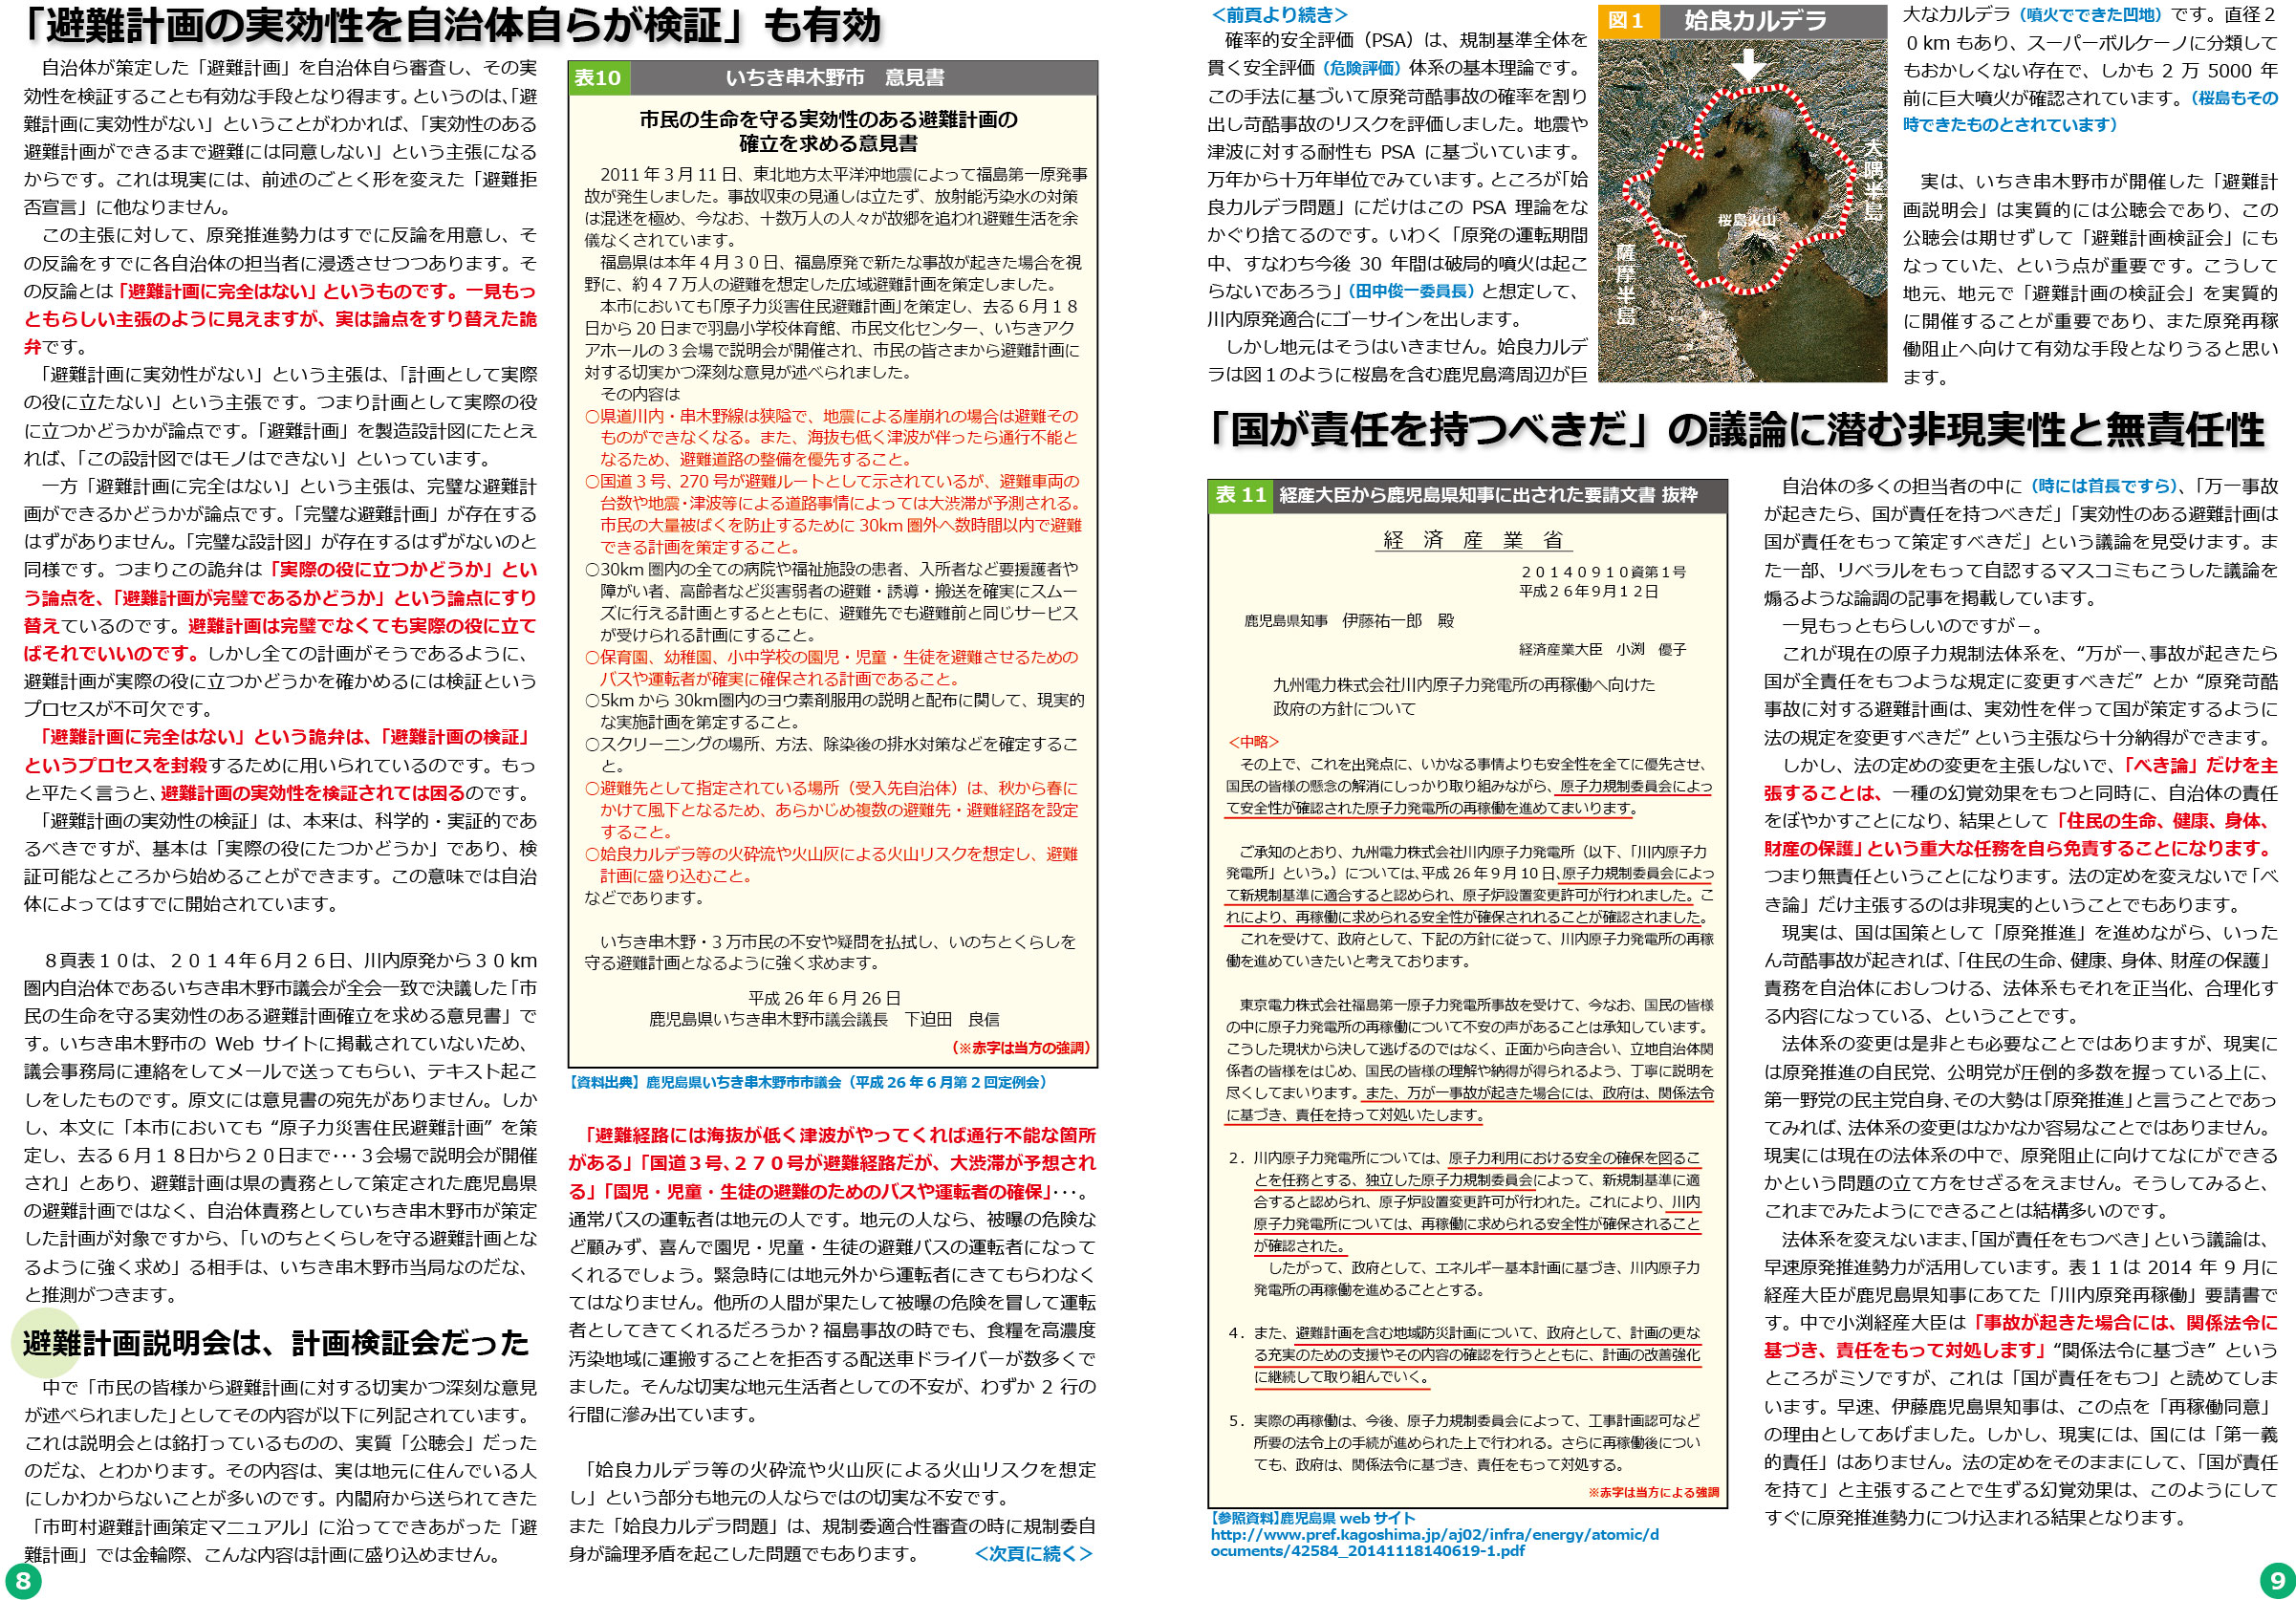 ファイル 73-5.jpg